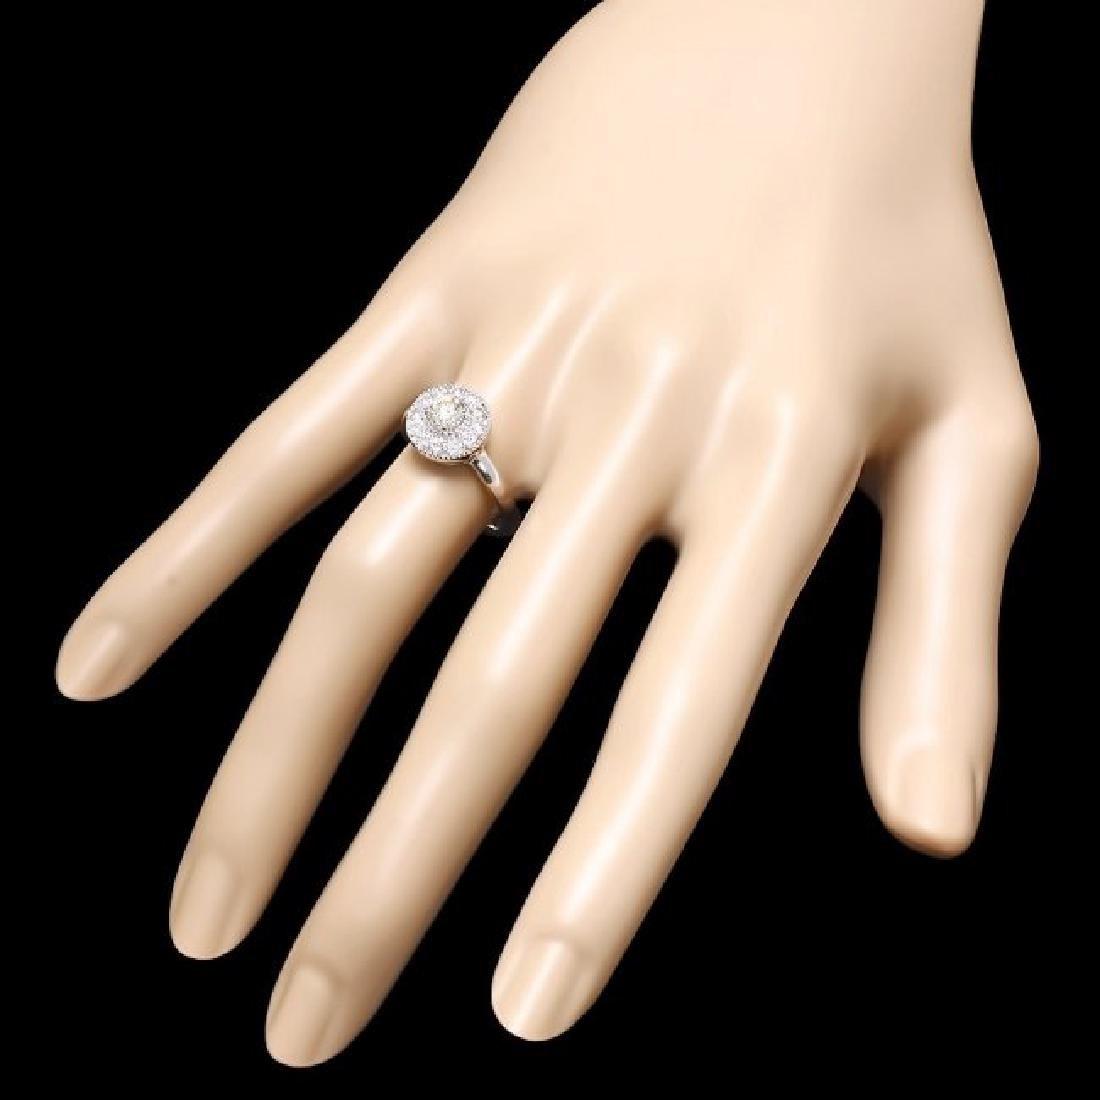 14k White Gold .75ct Diamond Ring - 3